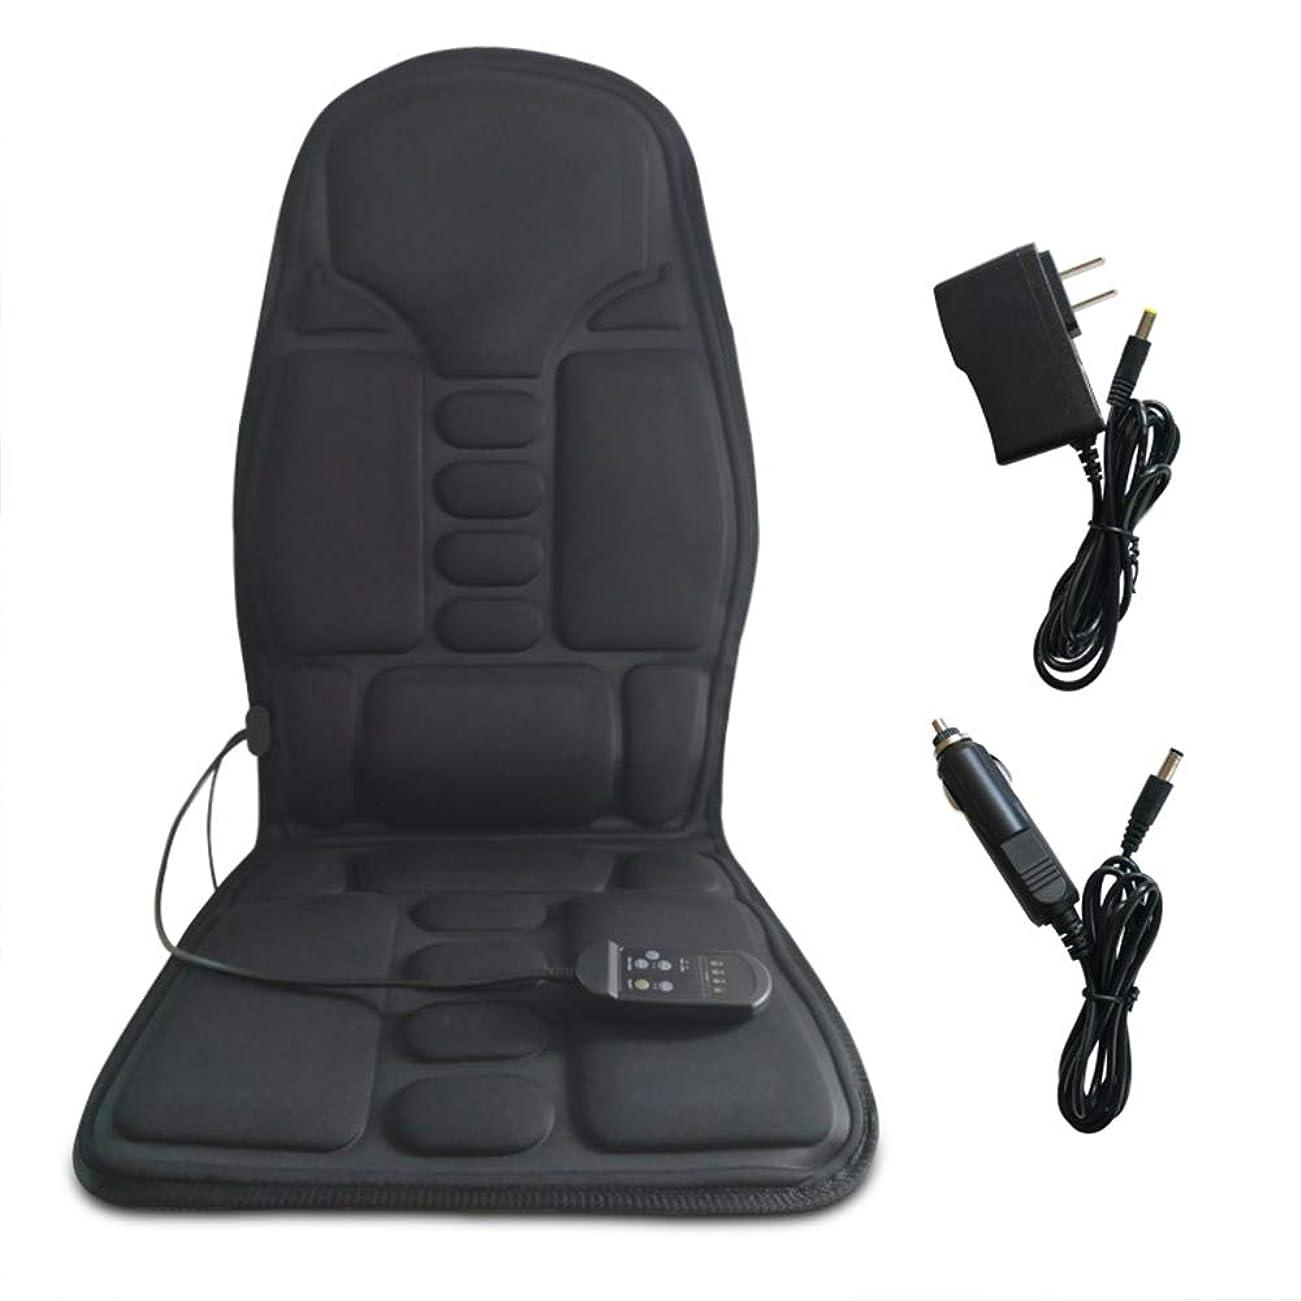 さようなら有用長方形携帯用電動マッサージシートクッション - 7つのモーター振動及び4つのモード3速度、ショルダーネックとバックウエストヒップ、全身の痛みの筋肉の軽減ホームオフィスのカーシート